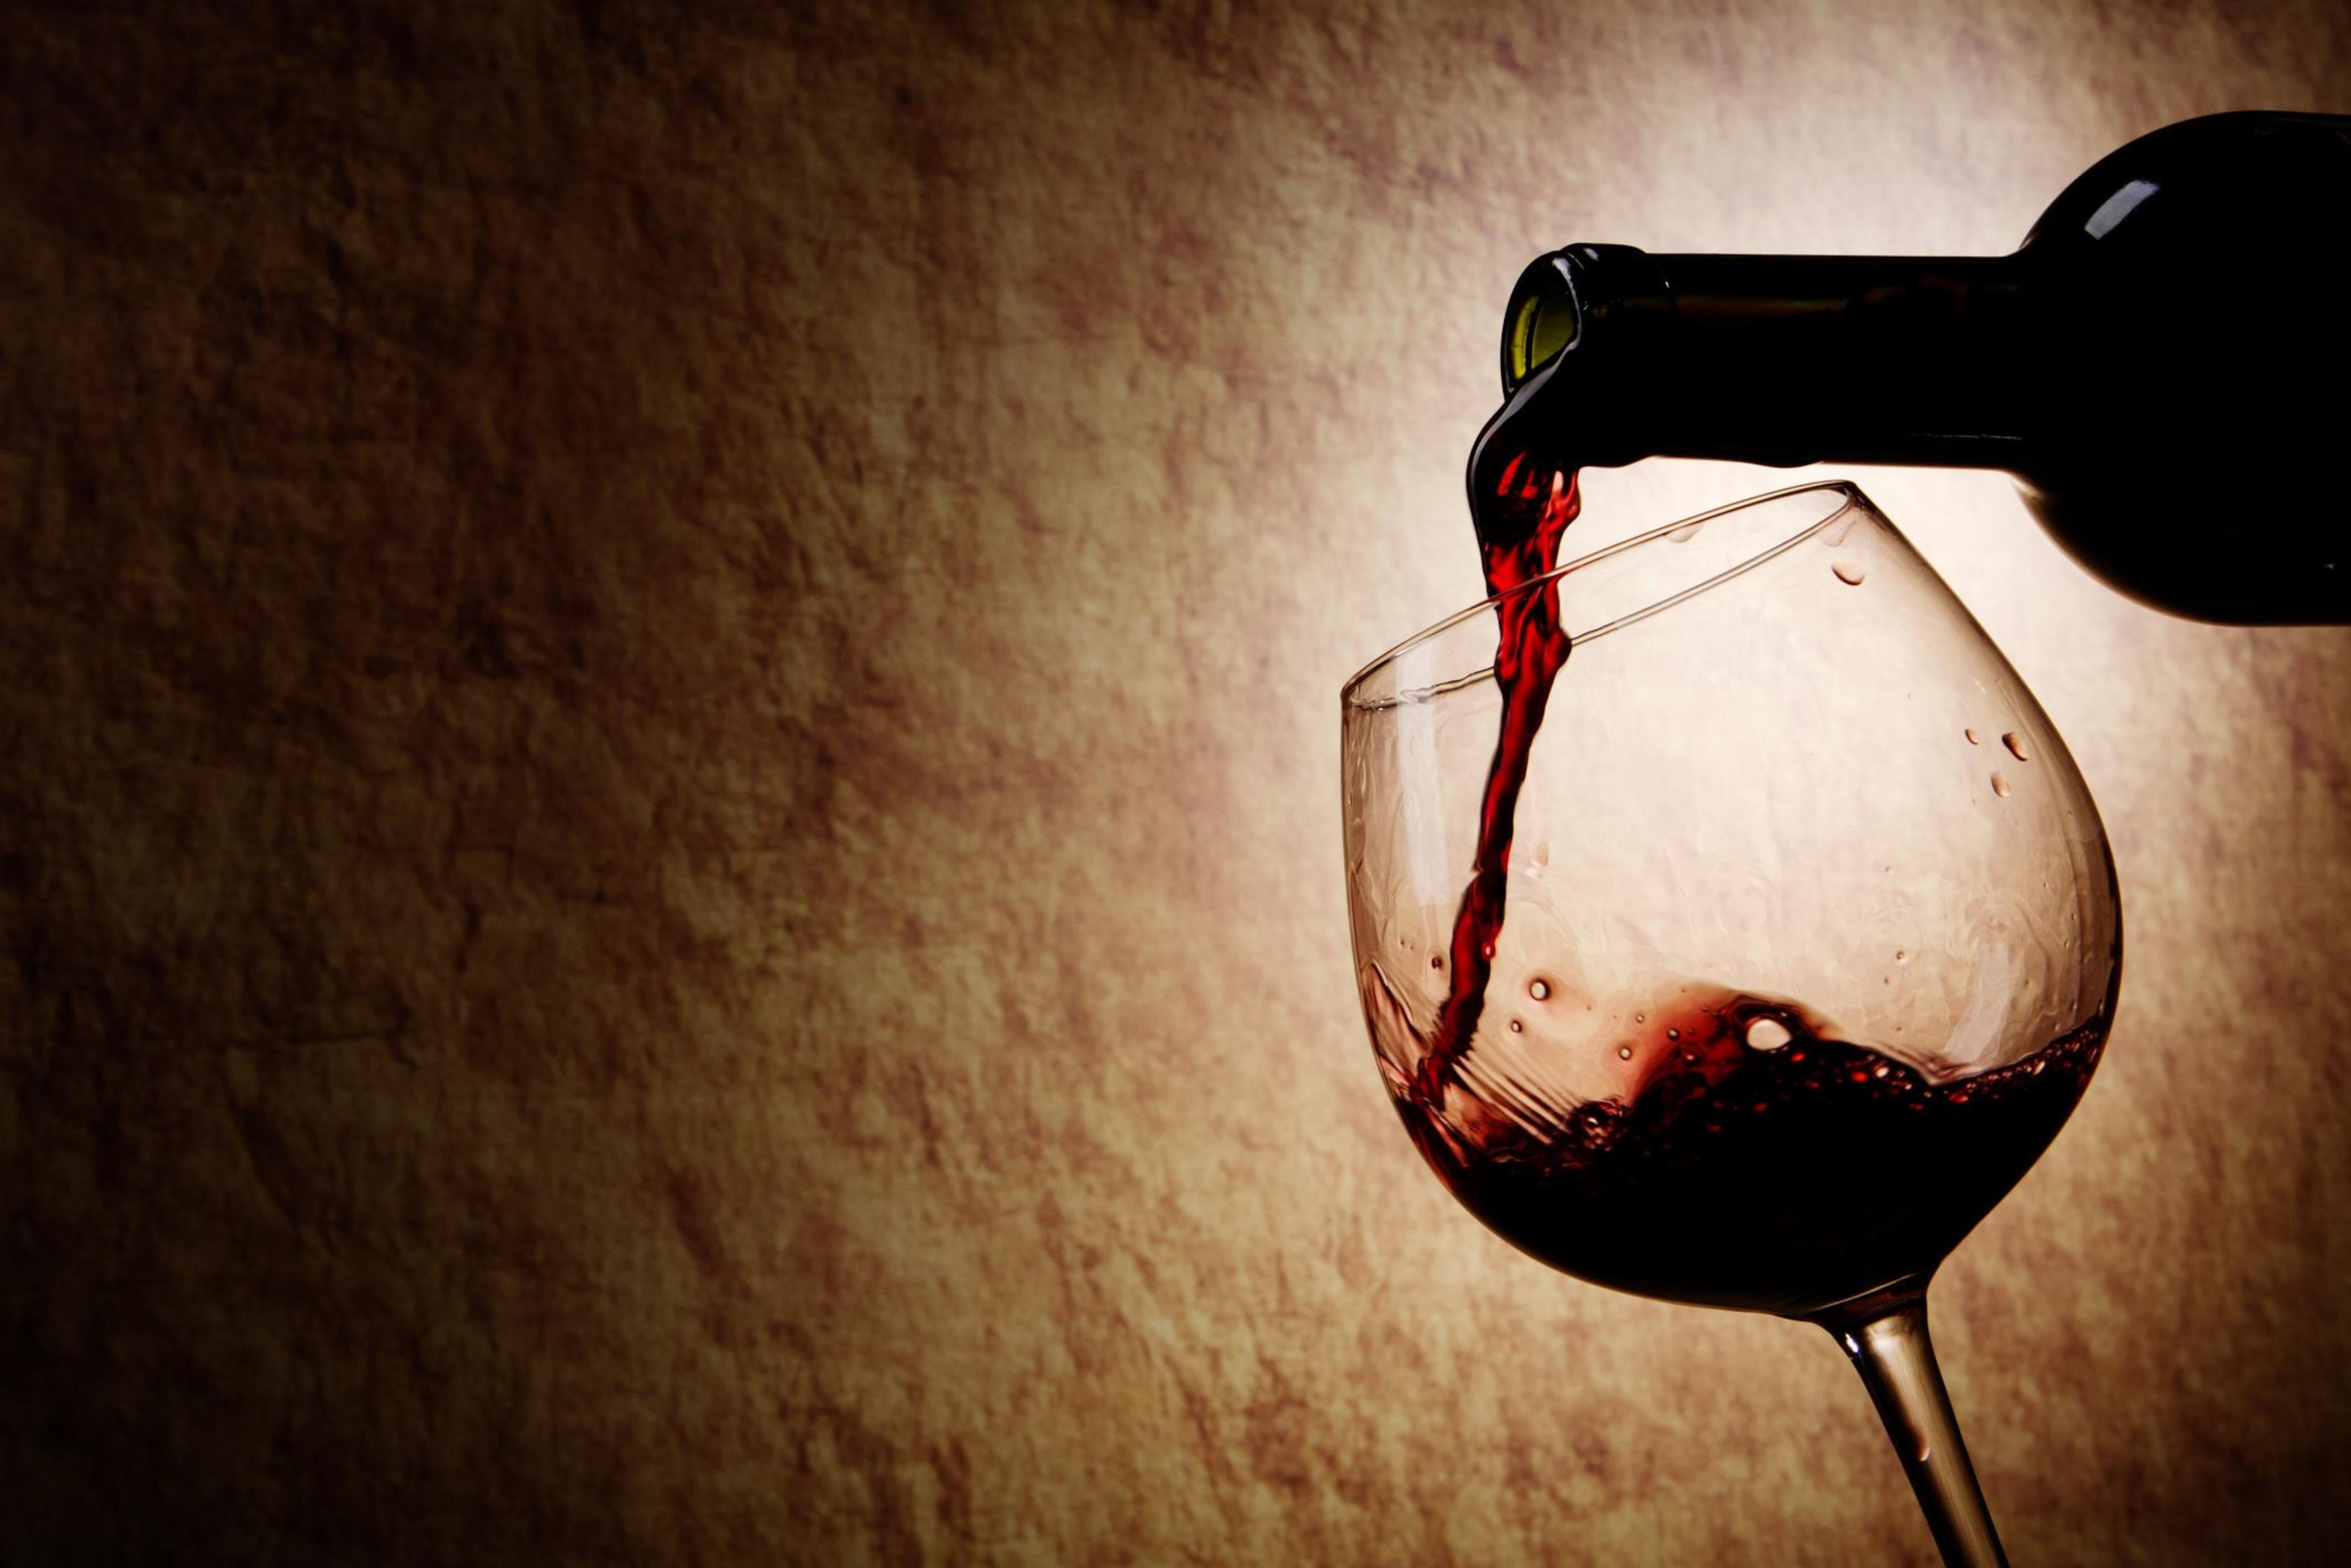 Du vin rouge est versé dans un verre à vin.